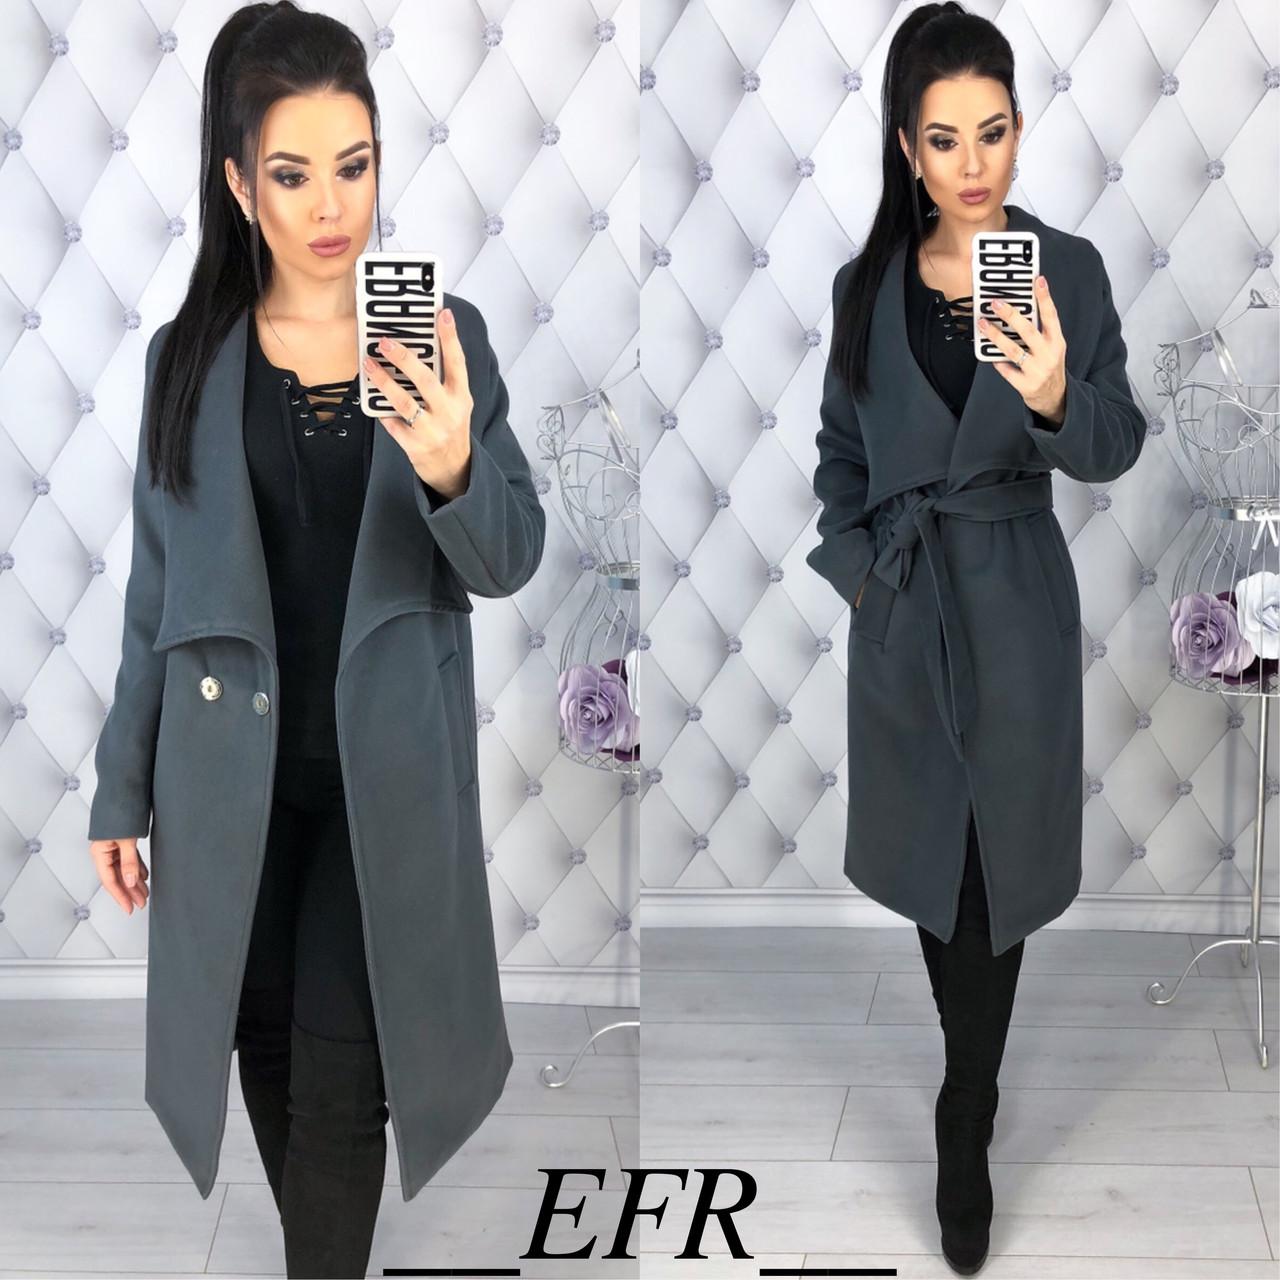 6483fb4ca0c Женское пальто на кнопках с поясом - Магазин женской одежды и аксессуаров в  Украине - Annika